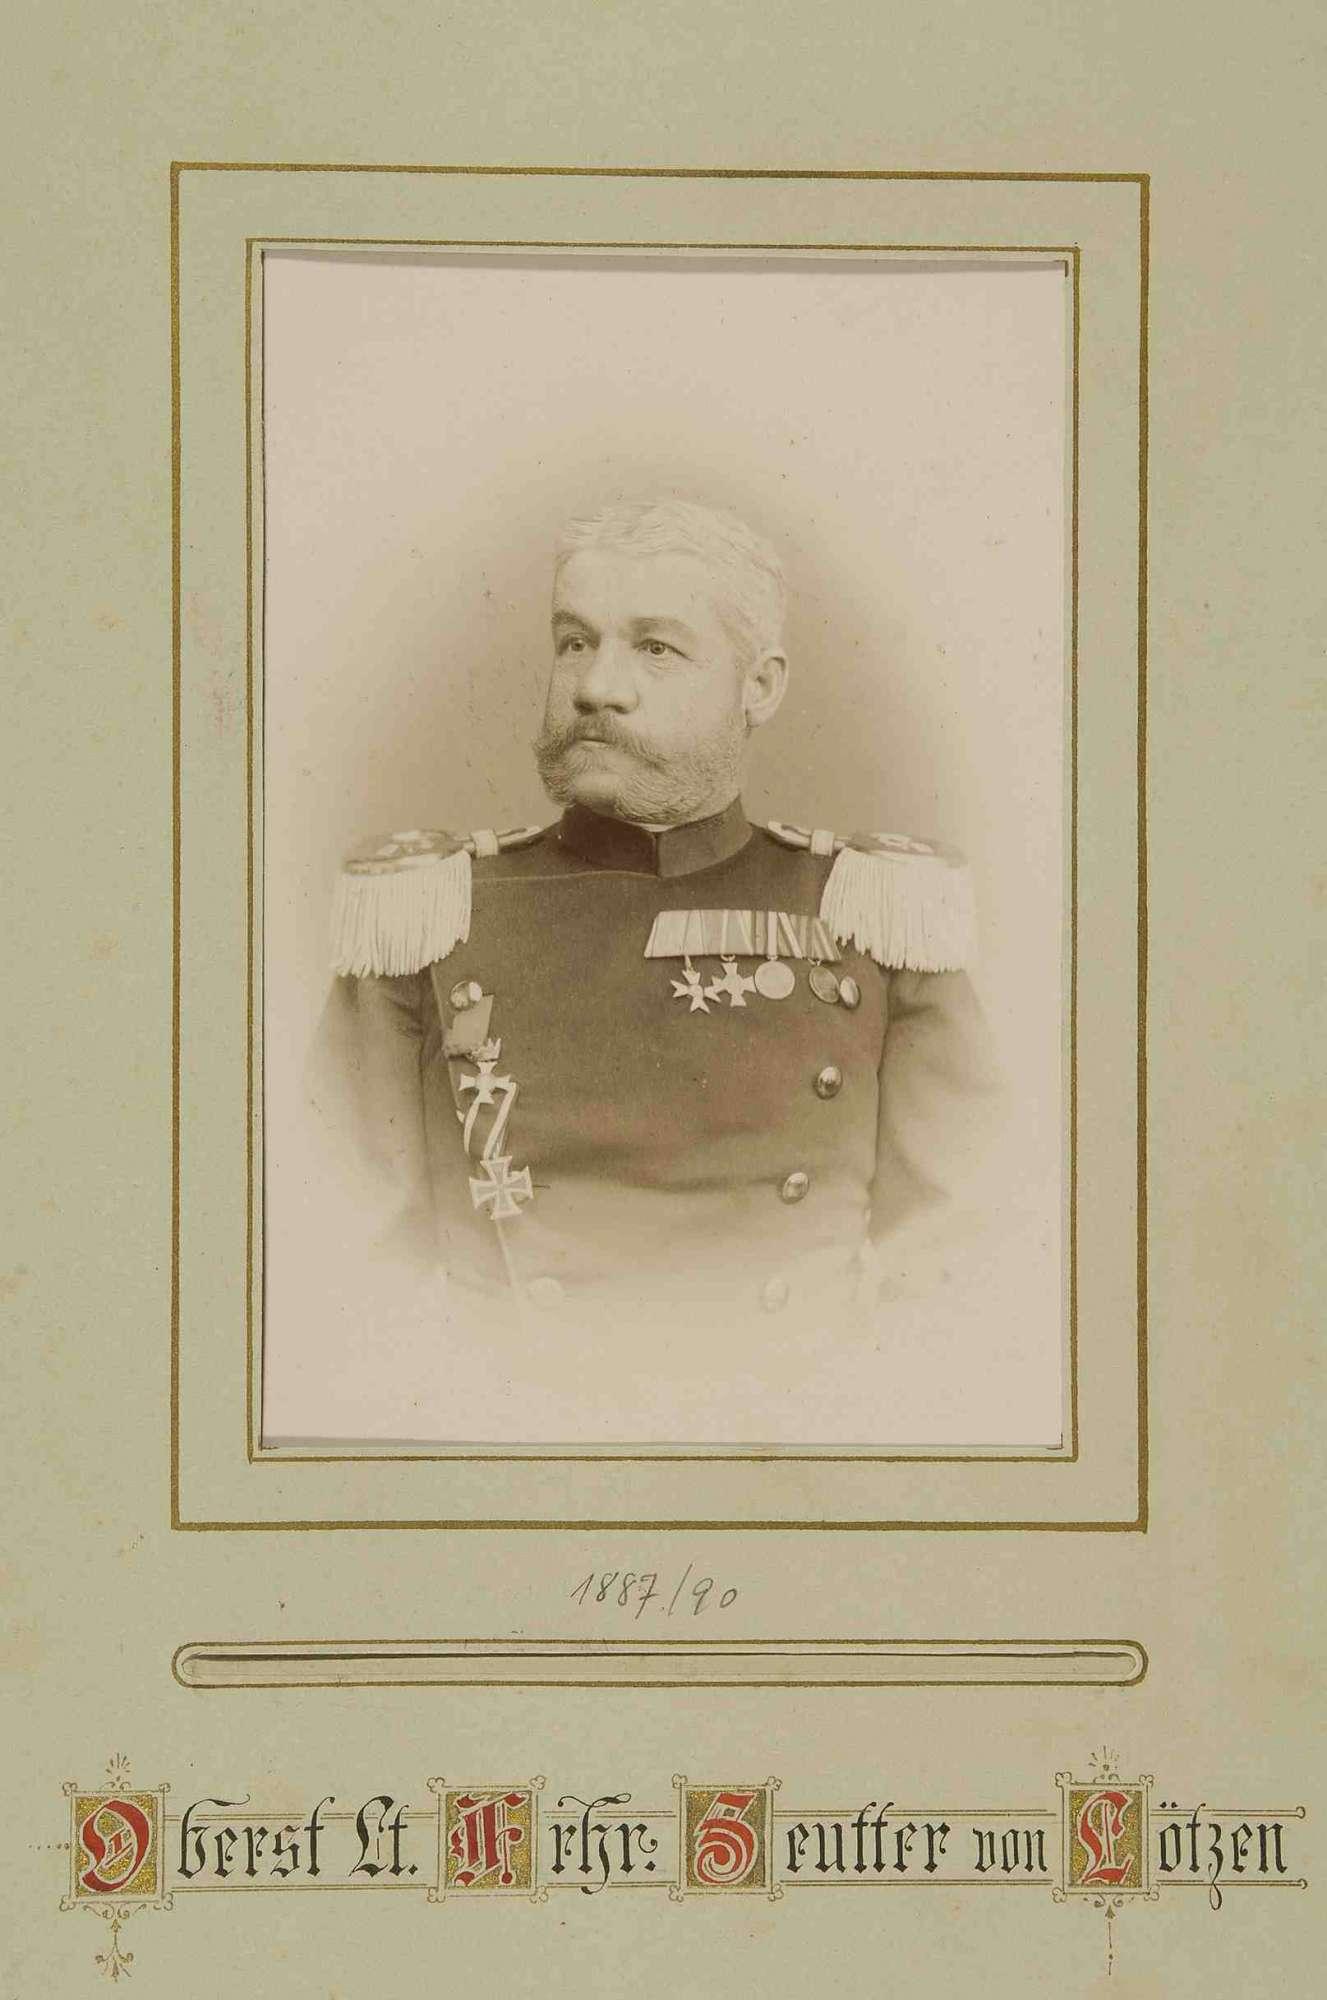 Offiziere des Regiments mit Widmung ihres Kommandeurs Freiherr Wilhelm Seutter von Lötzen, Brustbilder, Bild 1